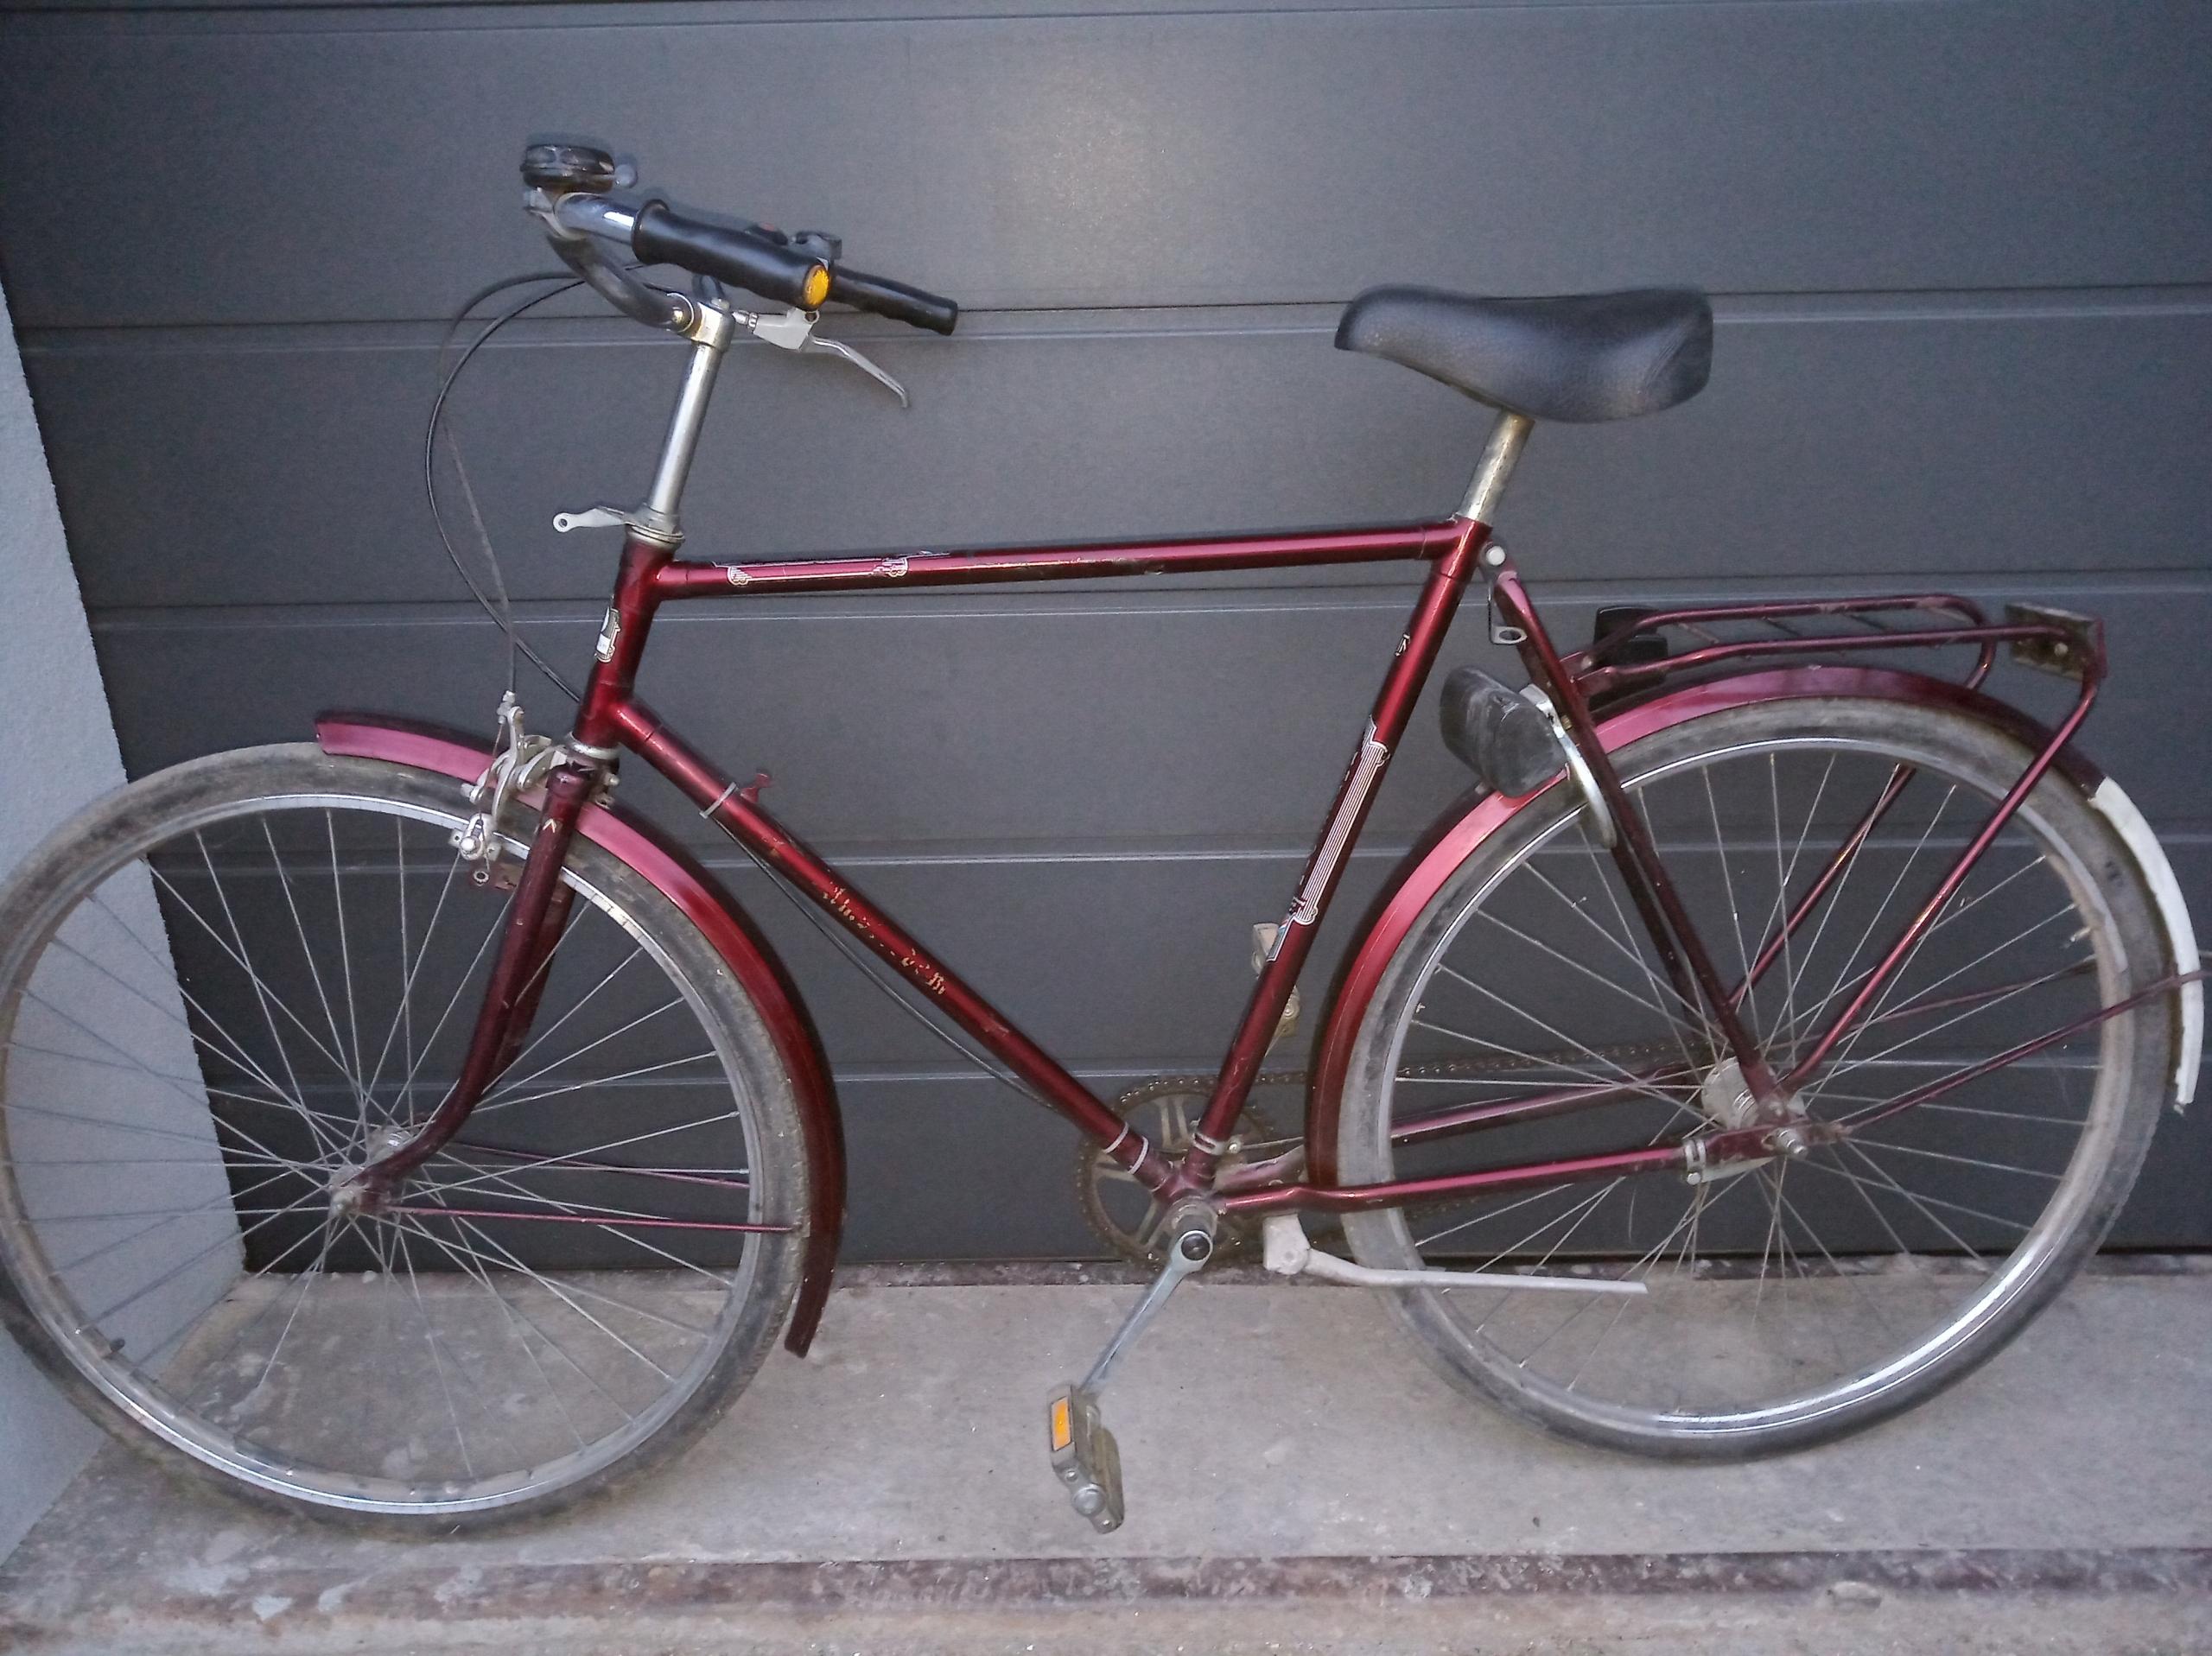 rower amsterdam 28 cali męski miejski sparta gazel